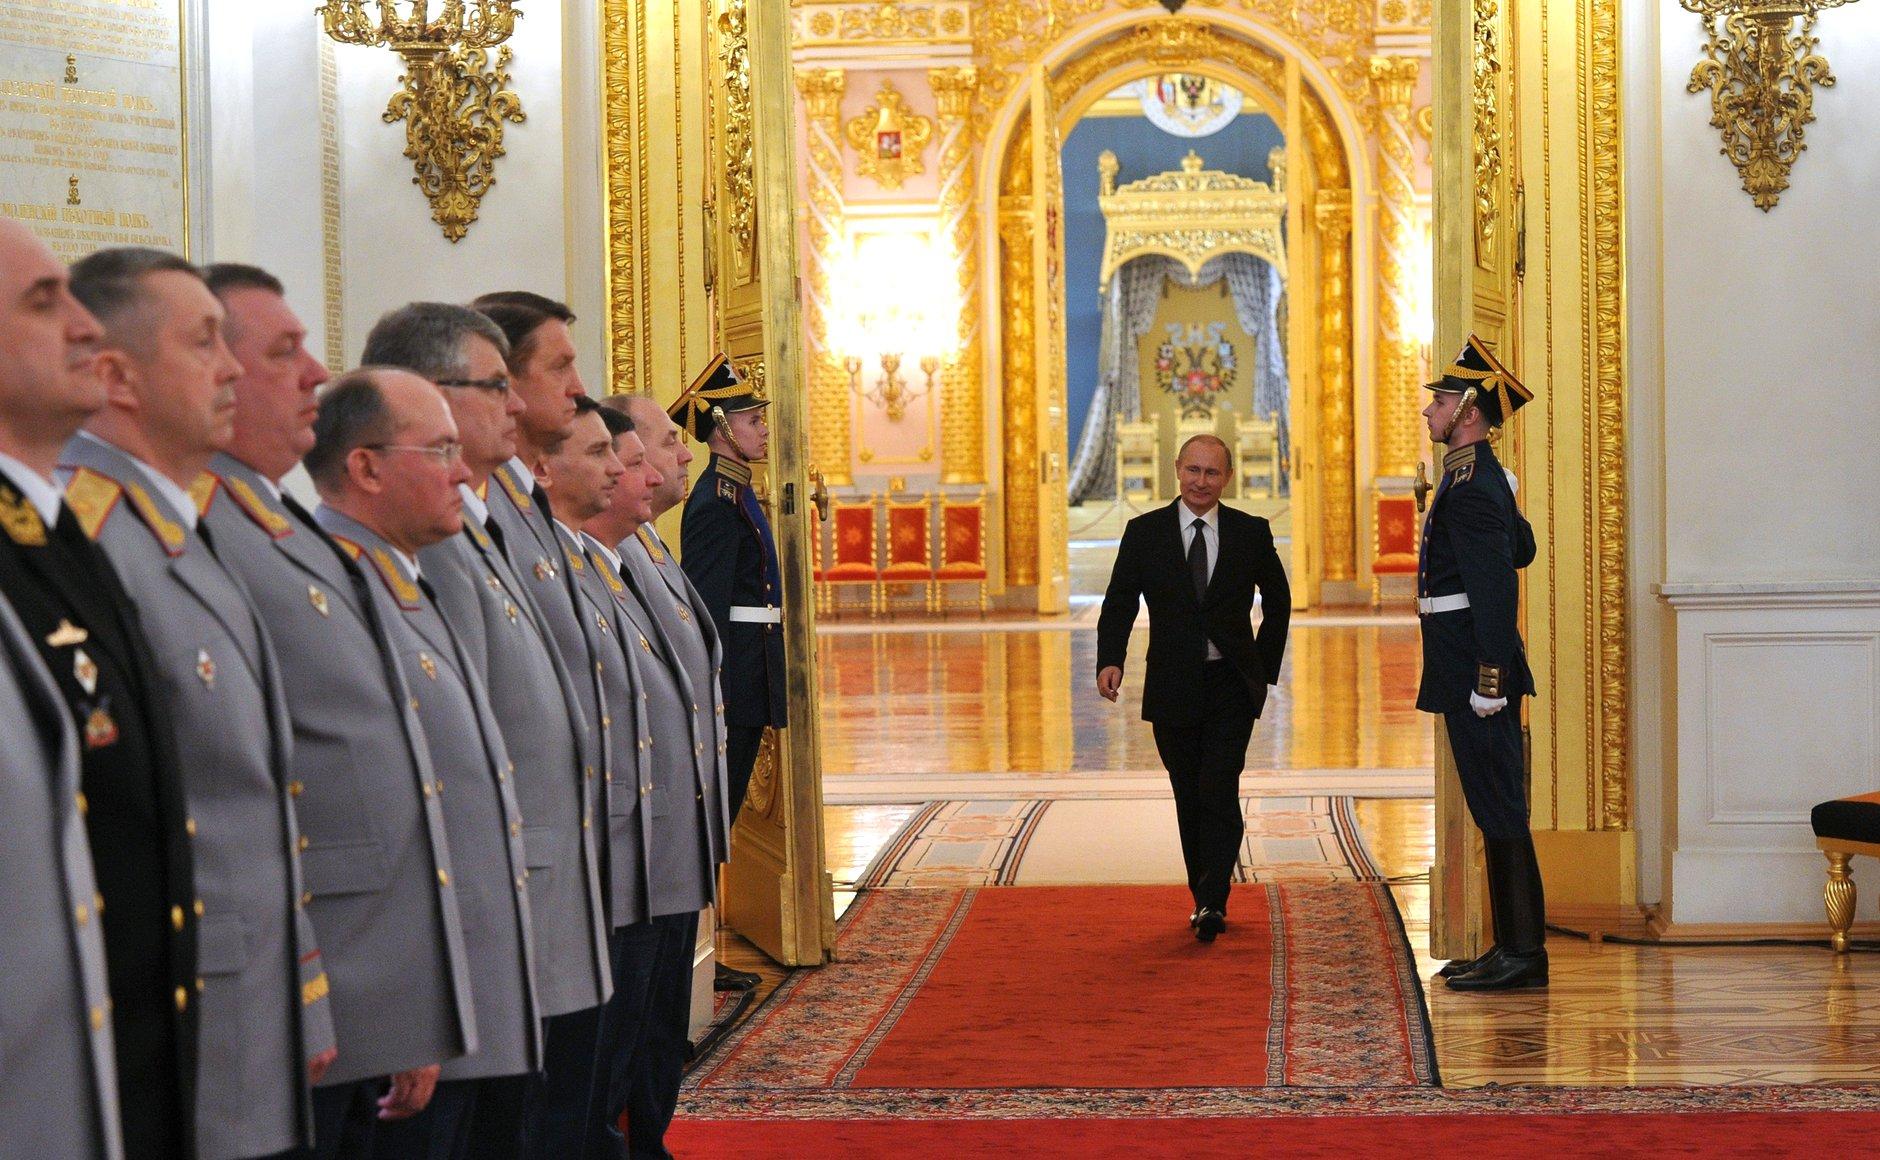 Rússia envia militares a Damasco para ajudar a combater o EI e preocupa Ocidente